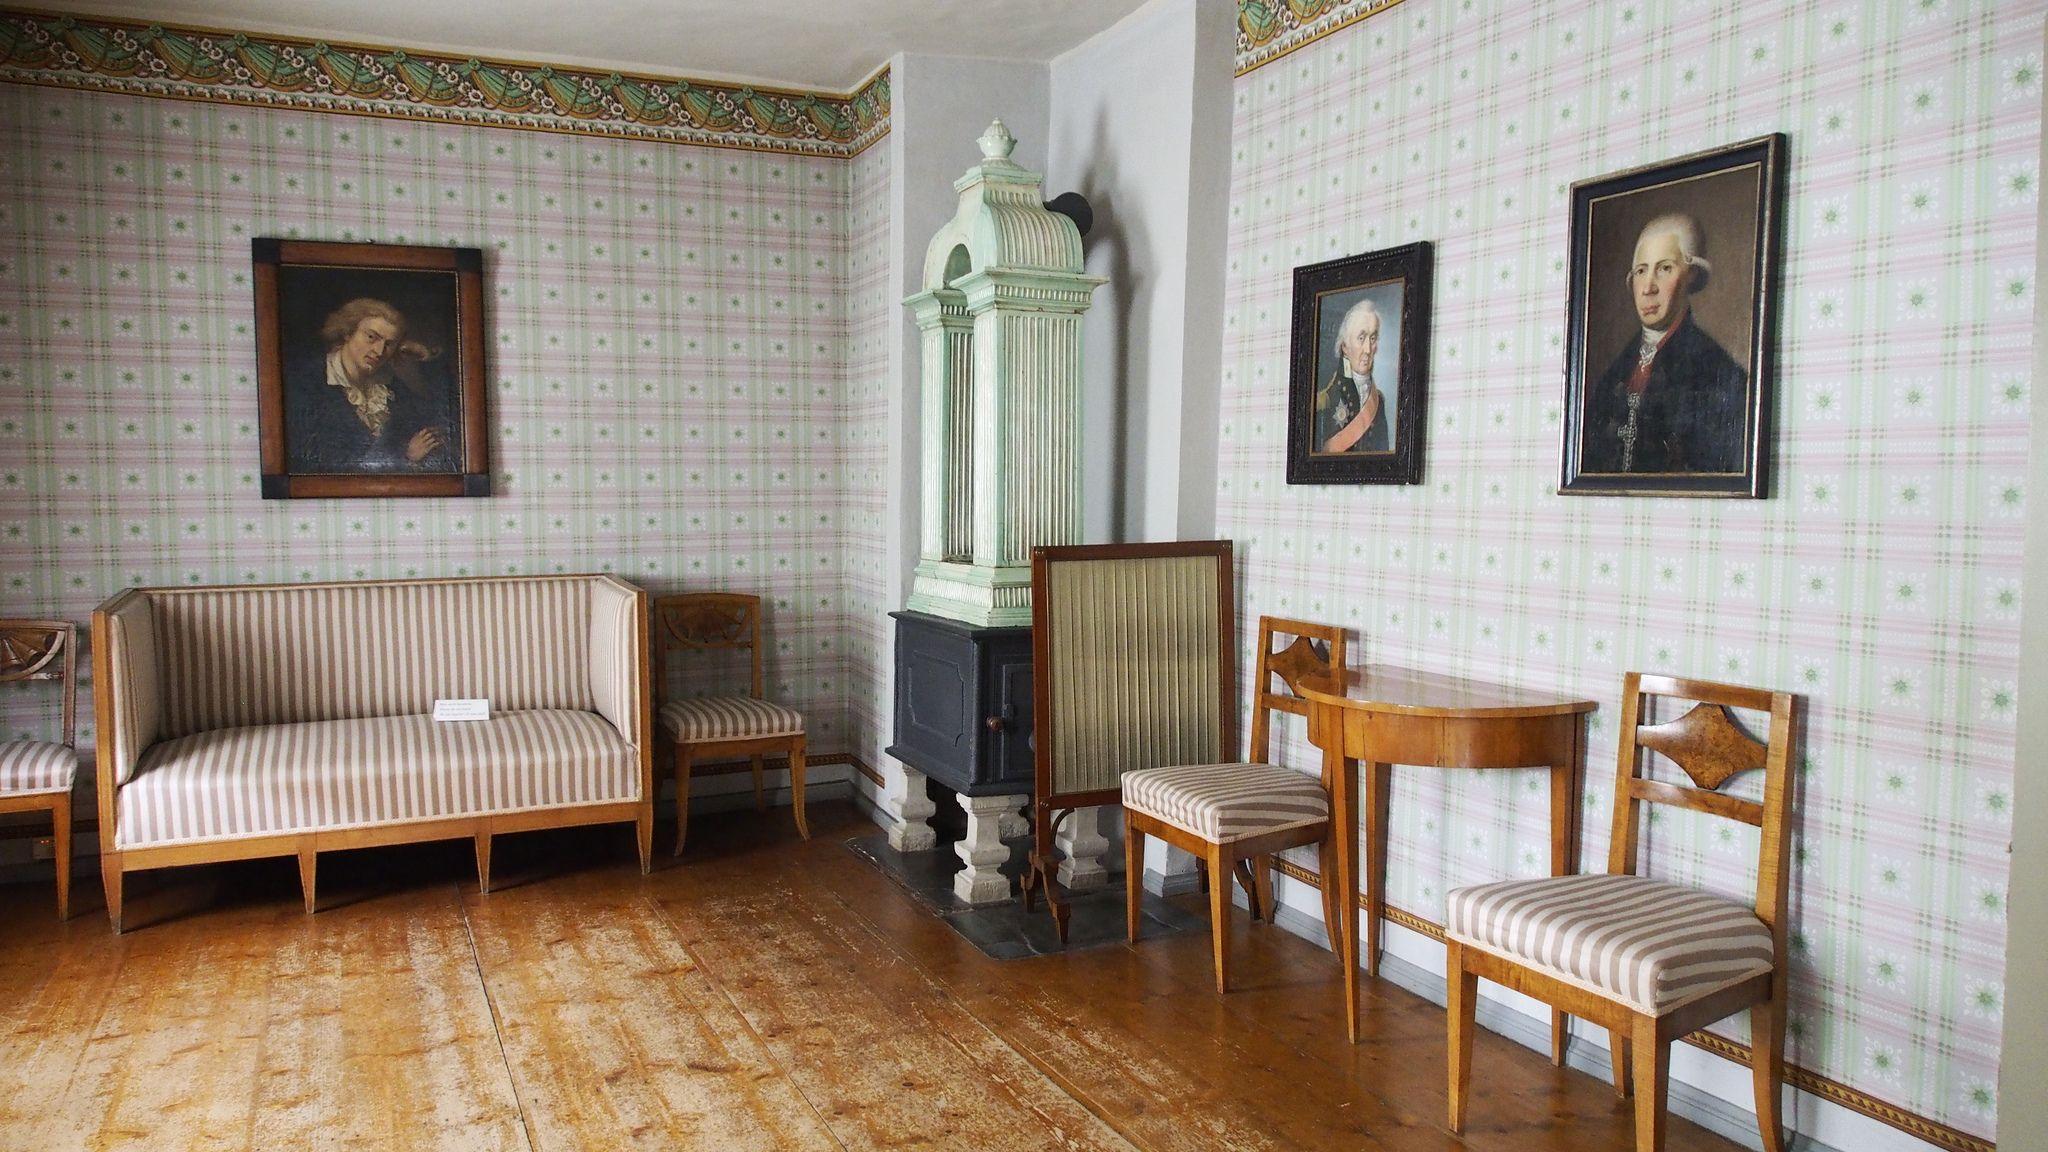 _LZX8055 (mit Bildern) Historische häuser, Haus, Weimar